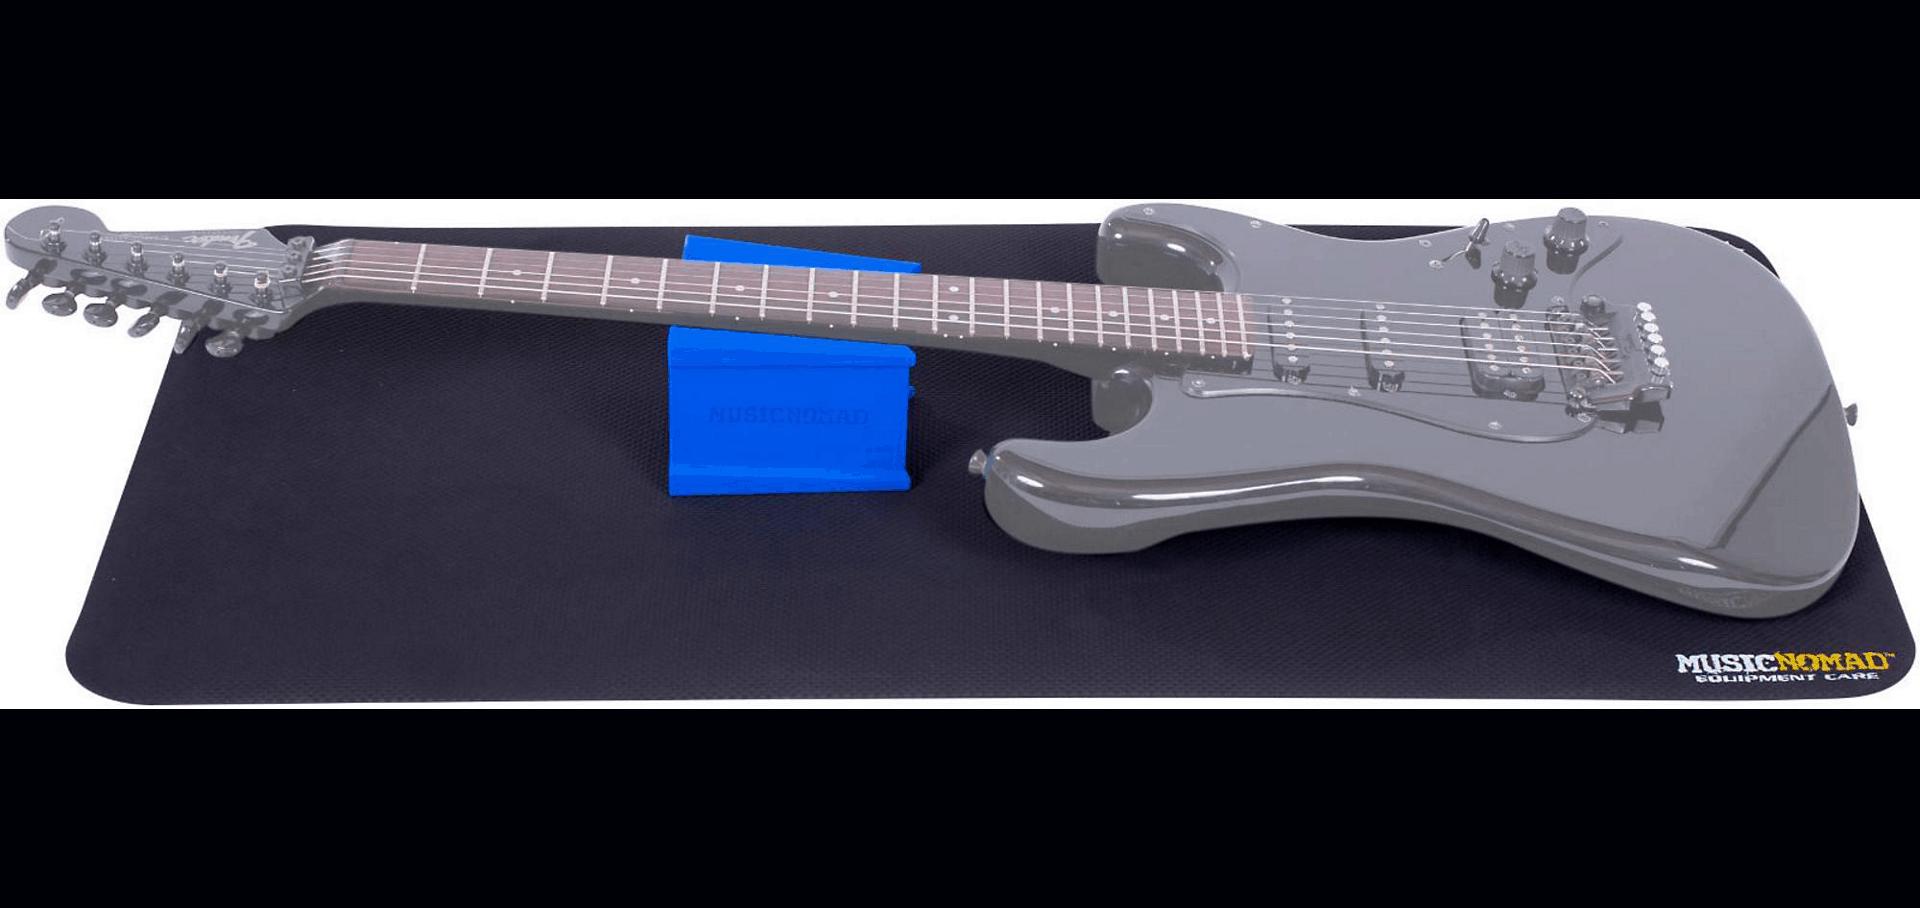 Instrument Work Mat & Neck Support | Guitar Center